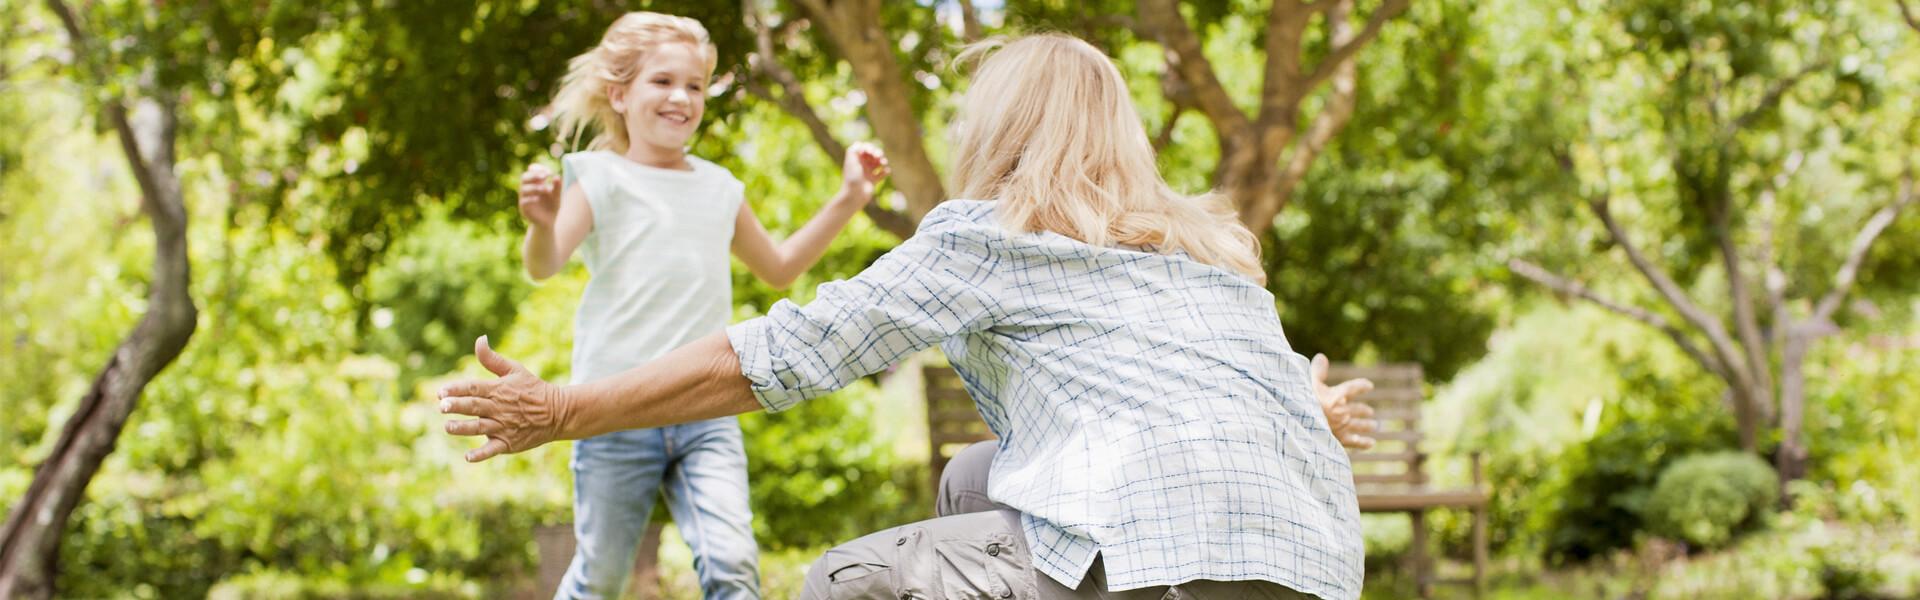 Kind, dass auf seine Mutter zuläuft (verweist auf: BKK-Anzeige